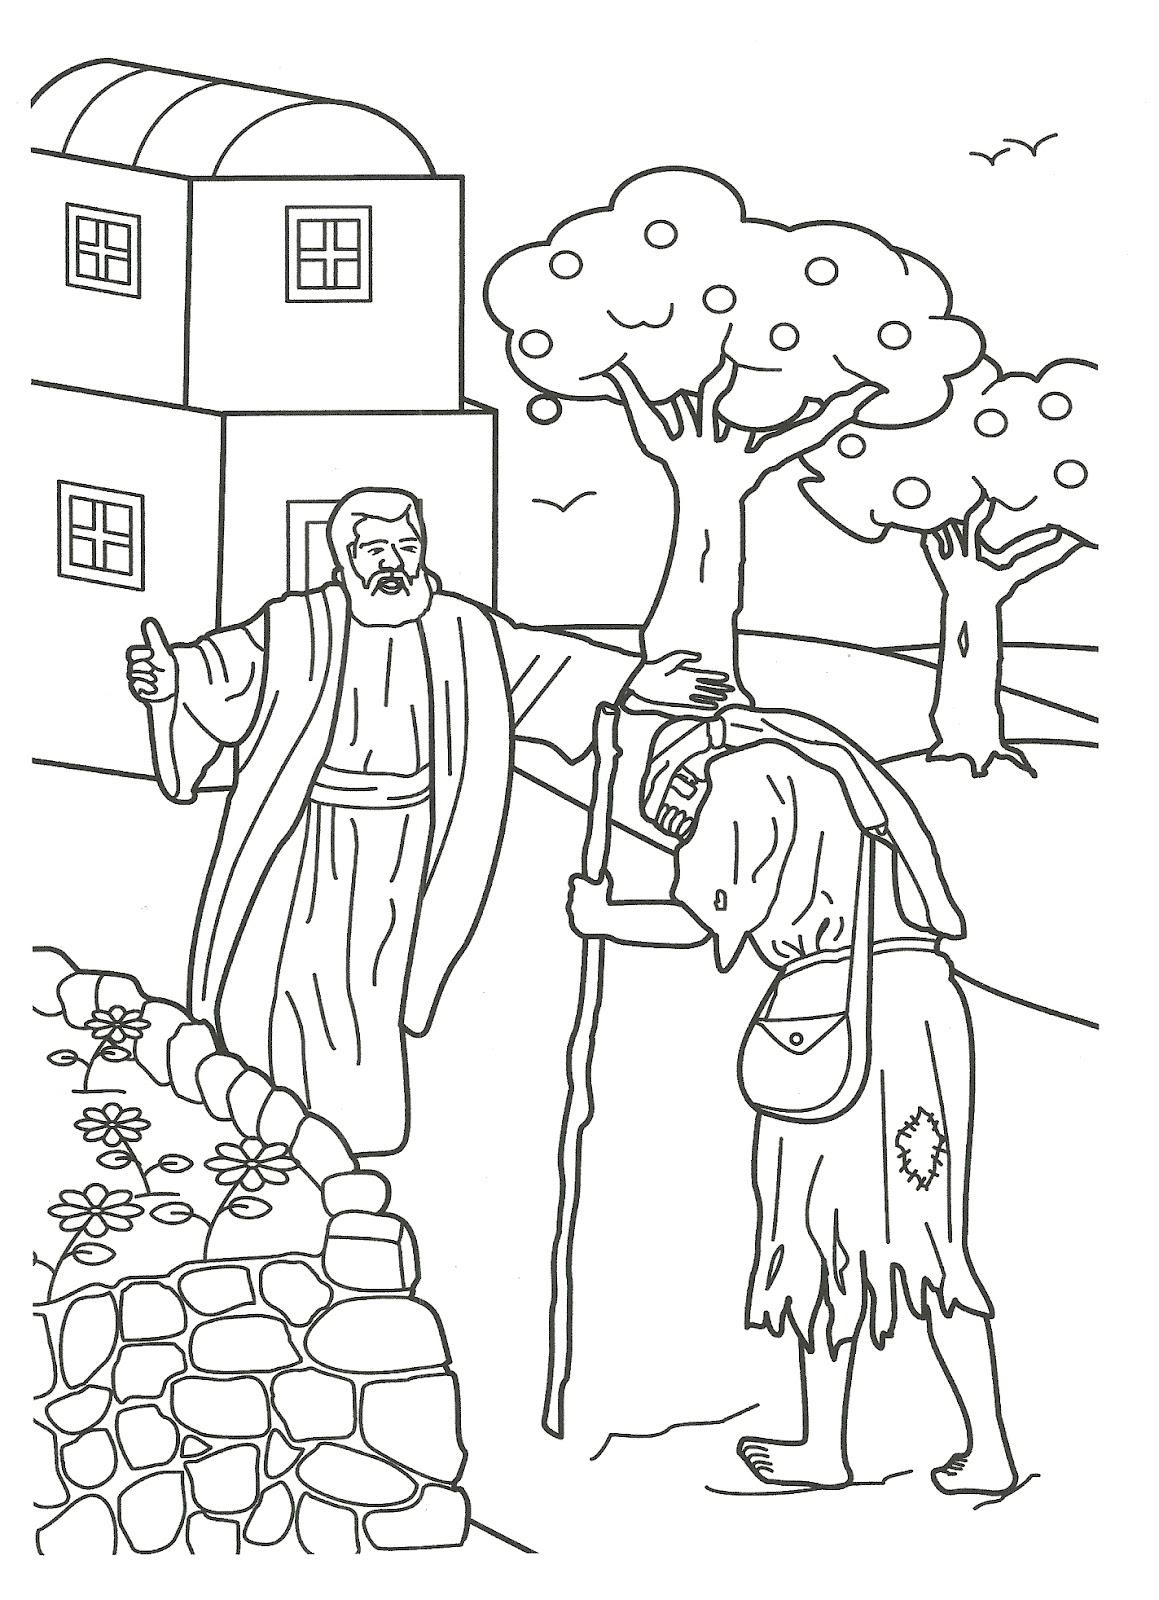 Картинка прощенное воскресение для детей раскраска, дню